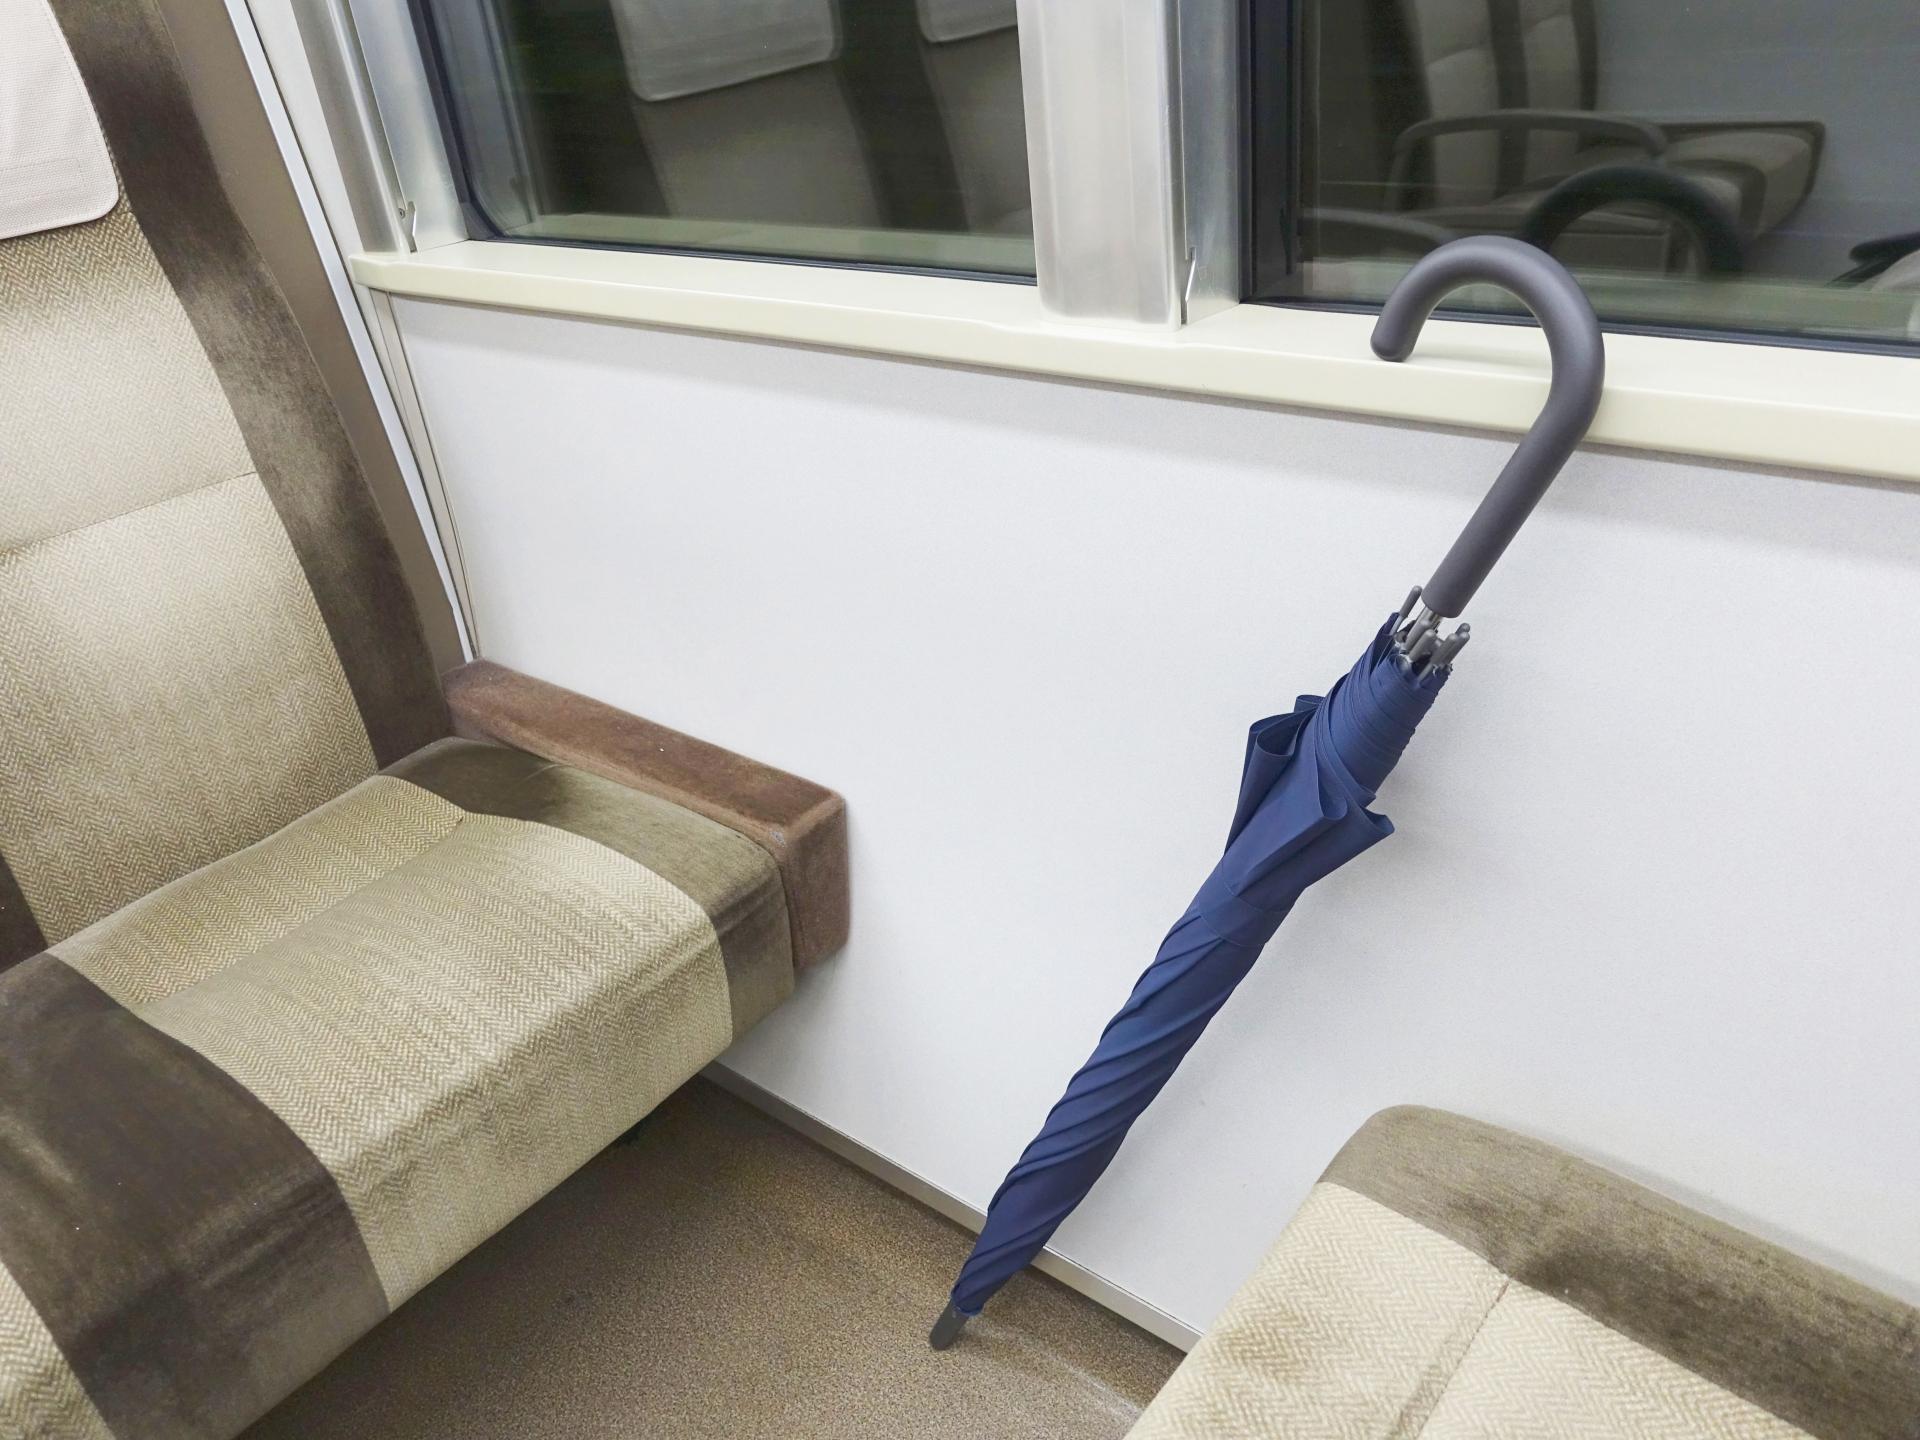 電車に傘を置き忘れるのはなぜ?展望的記憶をキープしてうっかりを防ごう!